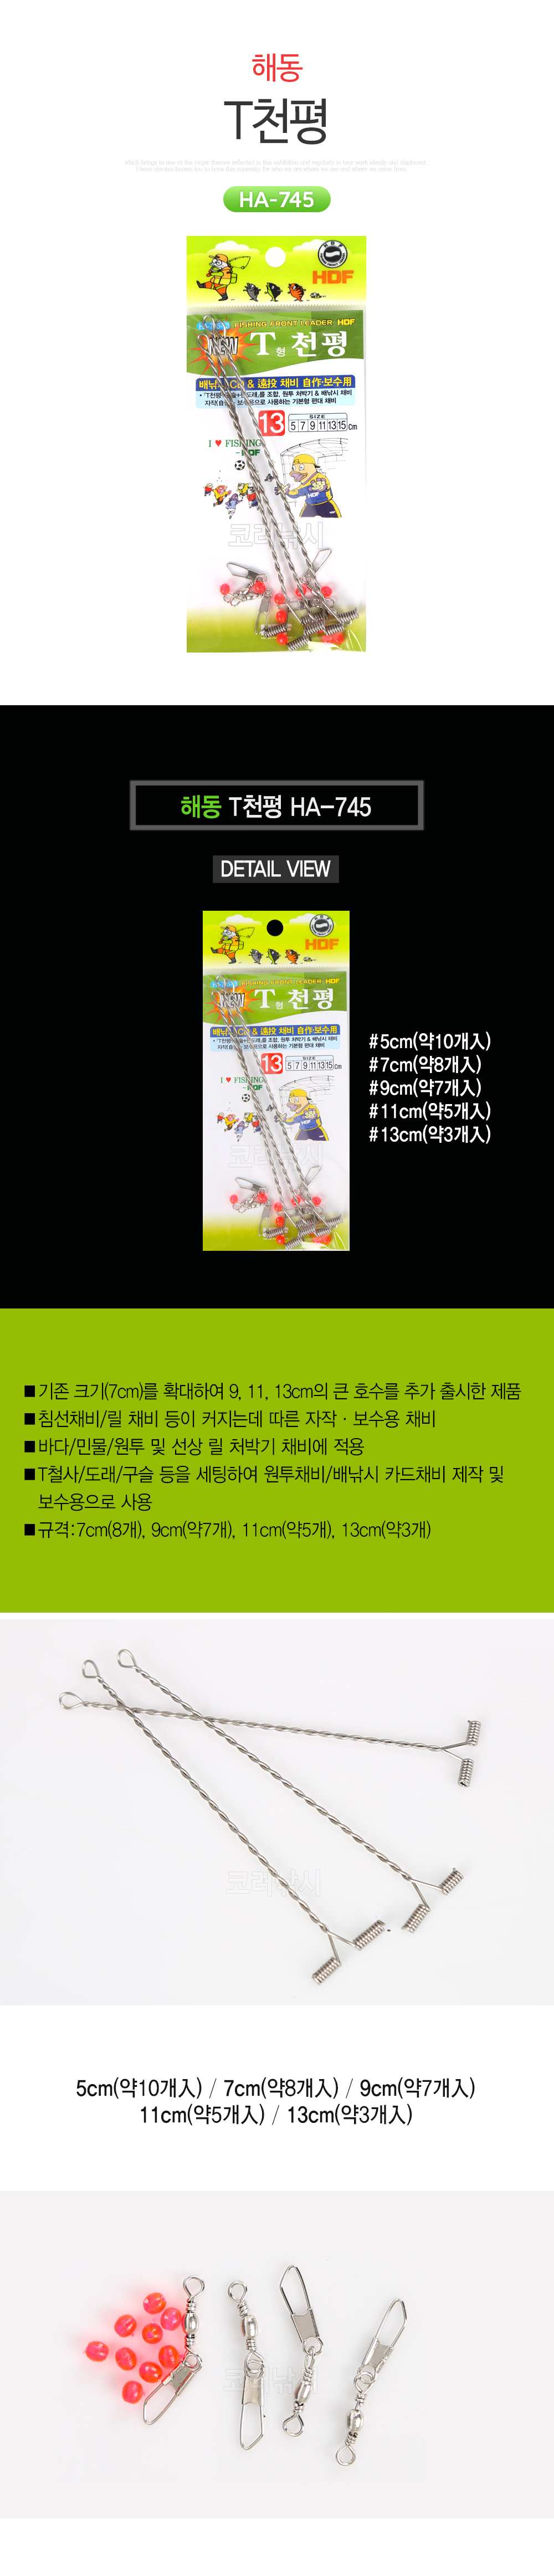 해동 T천평 HA-745 편대